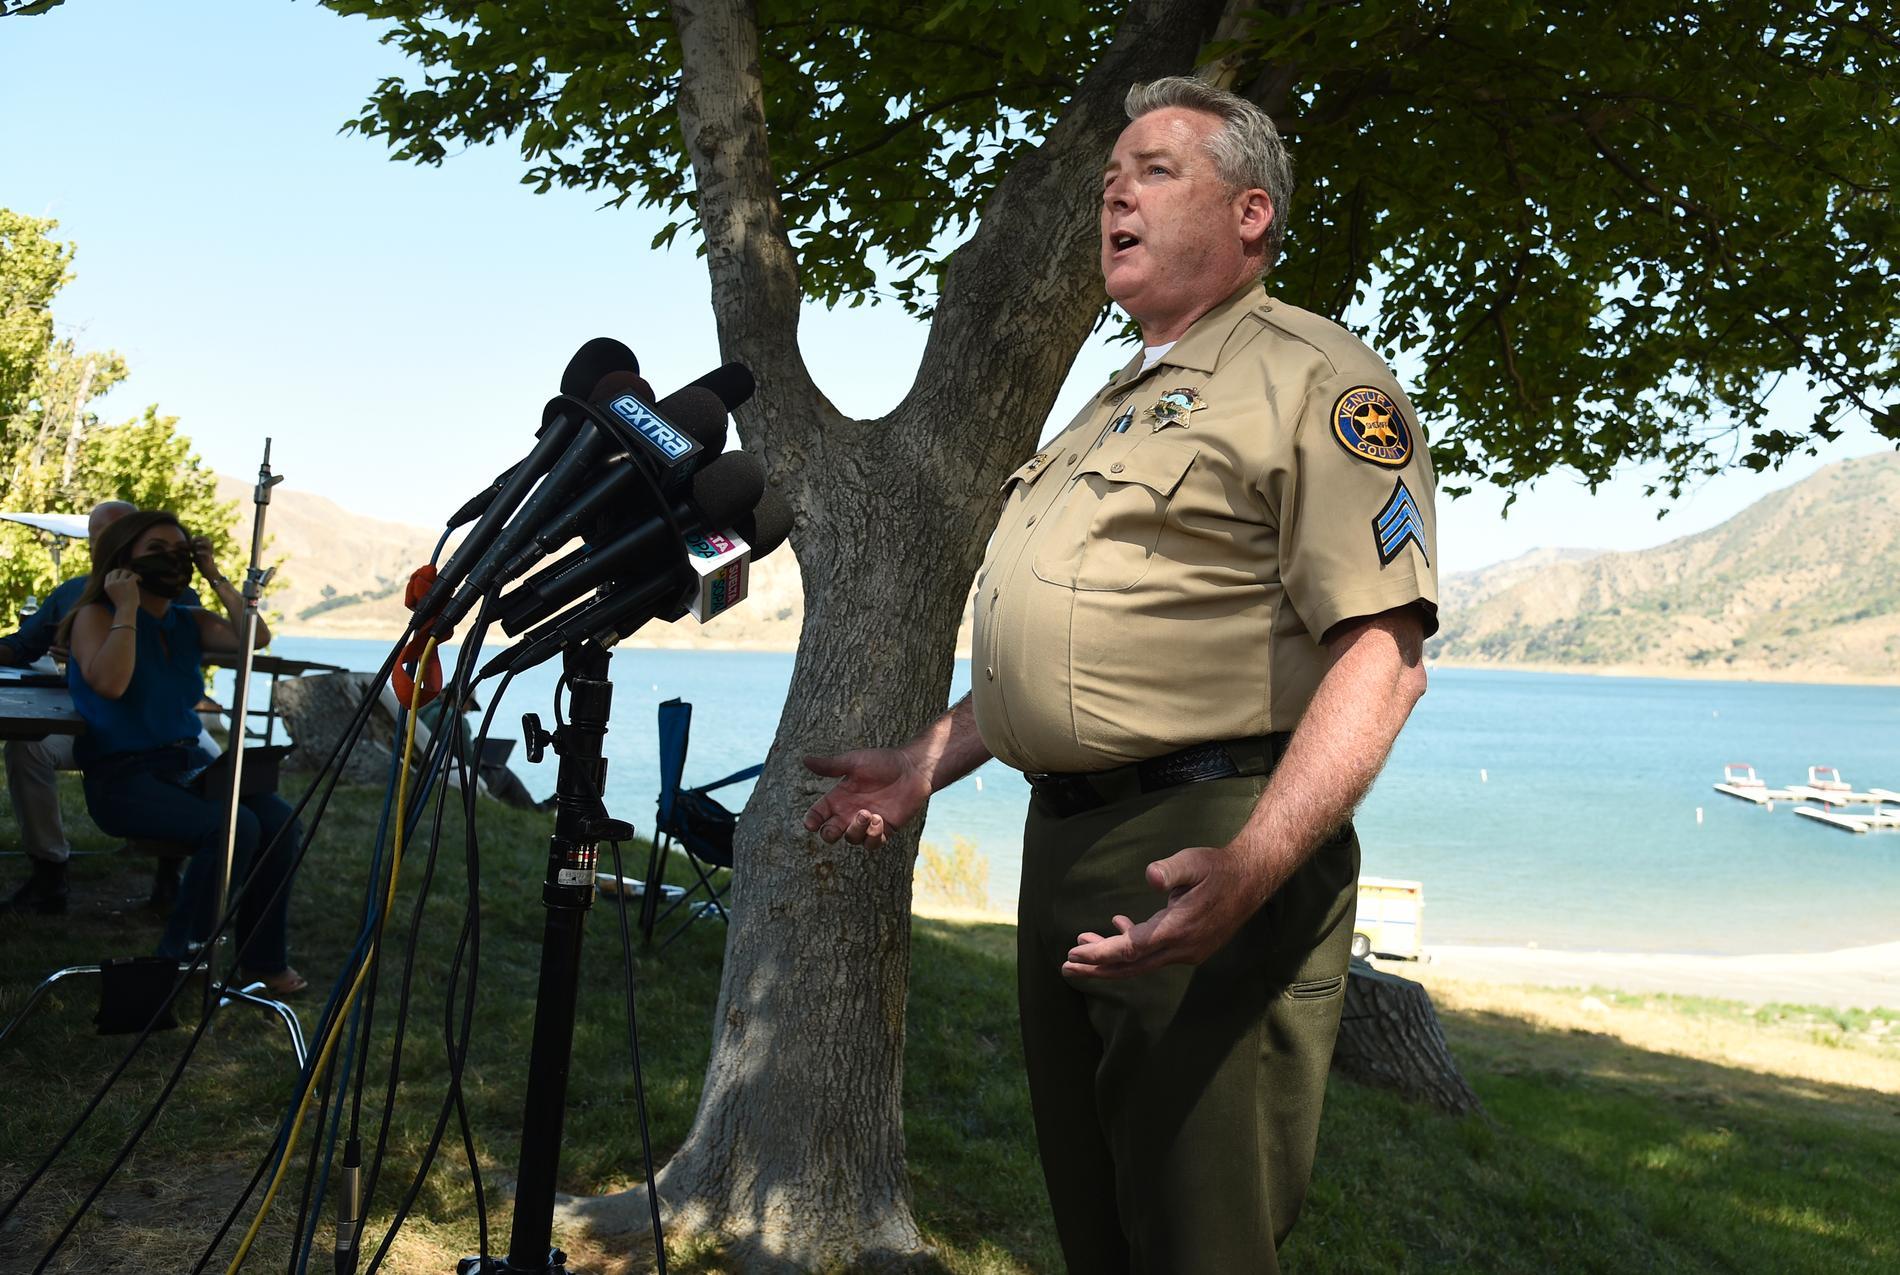 Polischefen Kevin Donoghue håller presskonferens.